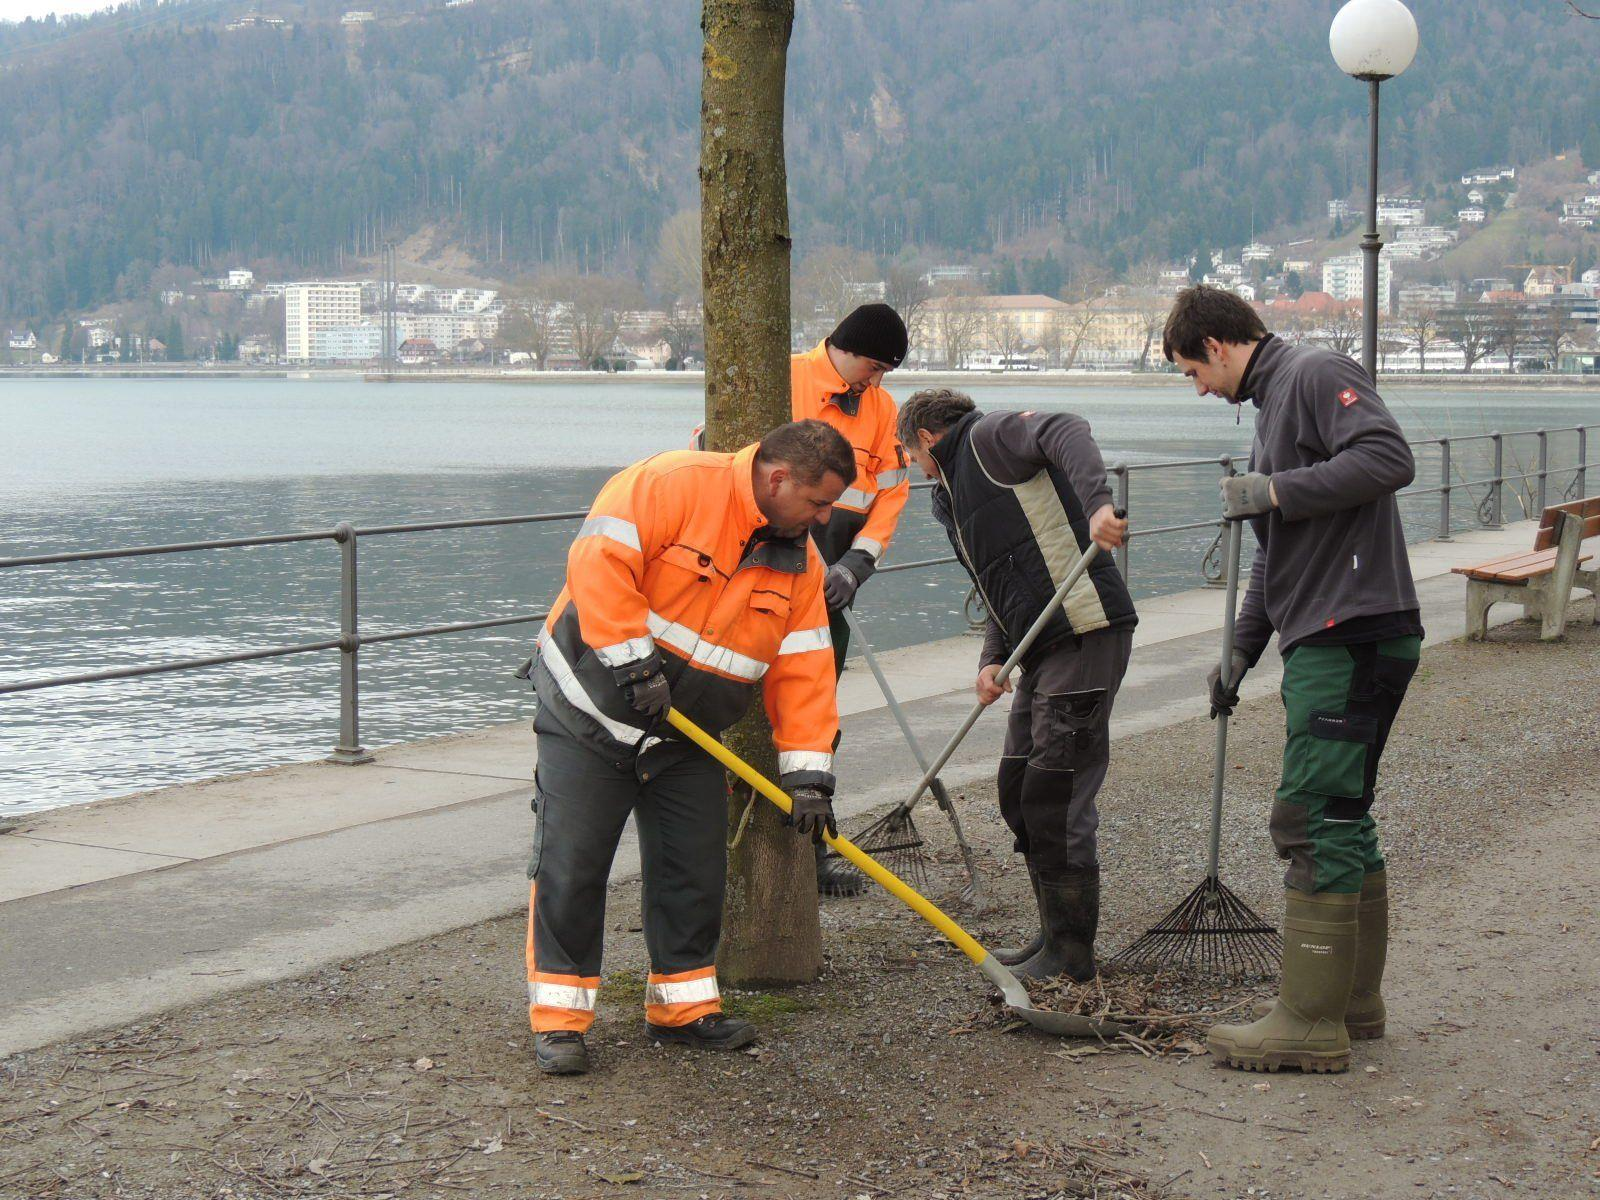 Städtgärtner sorgen für saubere Gehwege